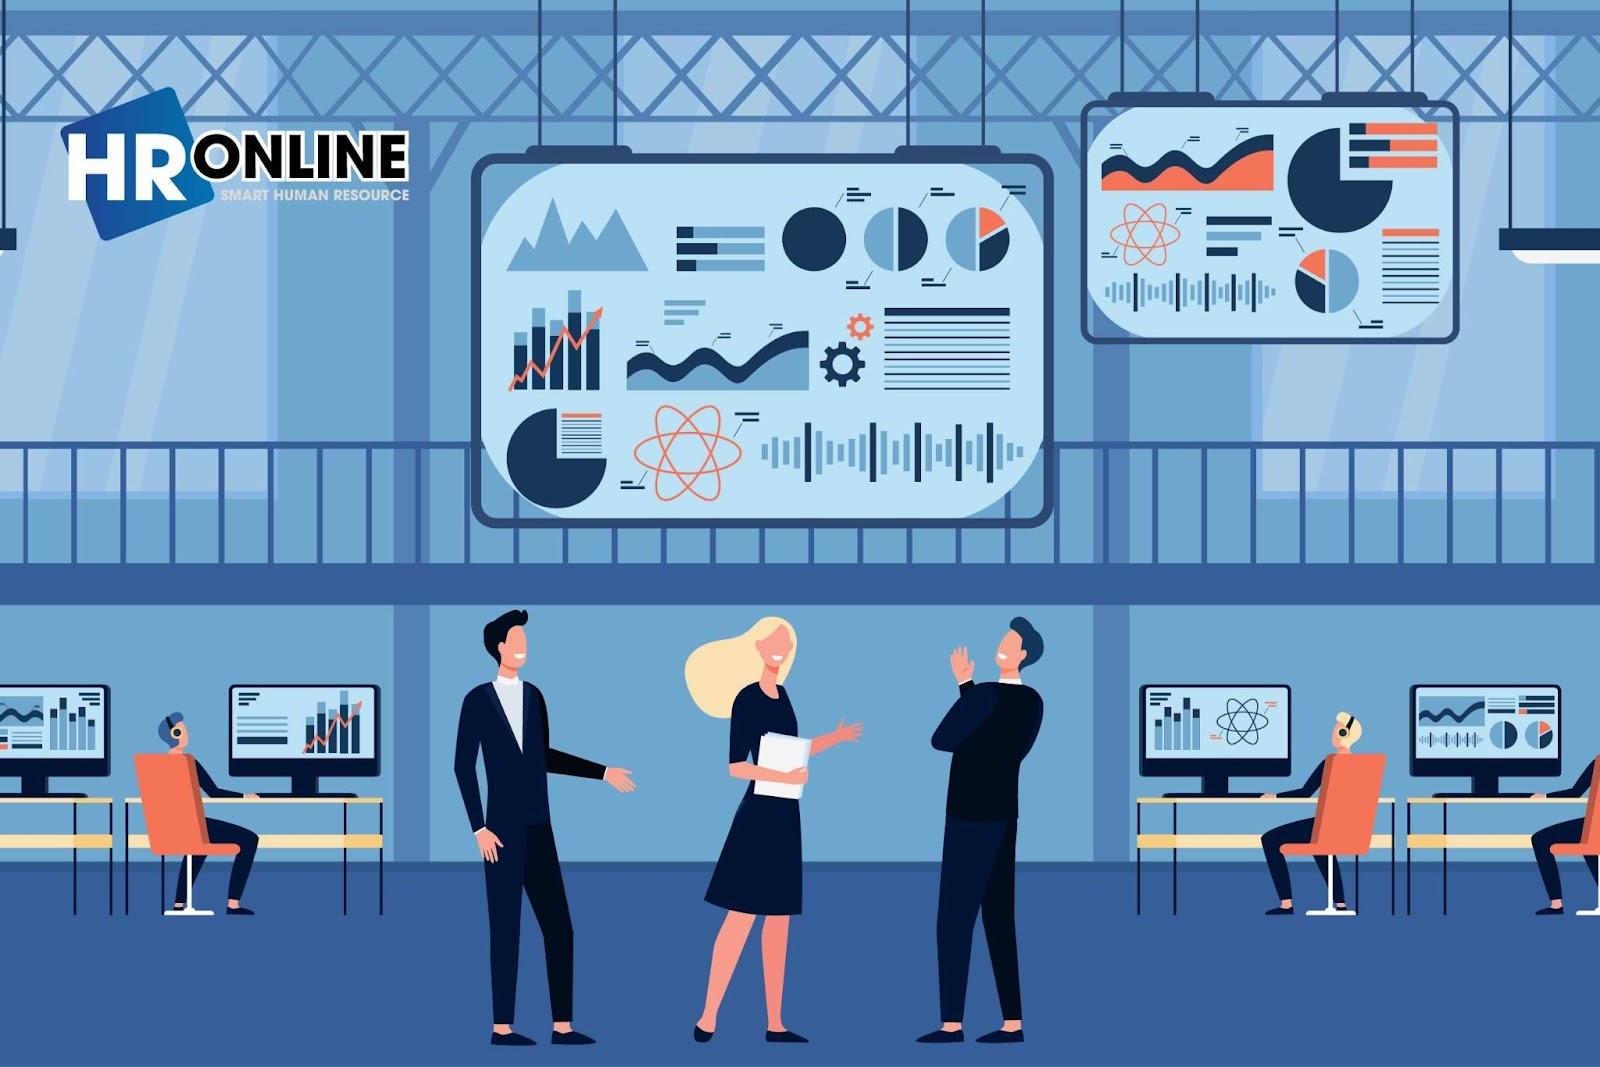 Phần mềm quản lý nhân sự giúp doanh nghiệp vận hành và phát triển nhanh chóng